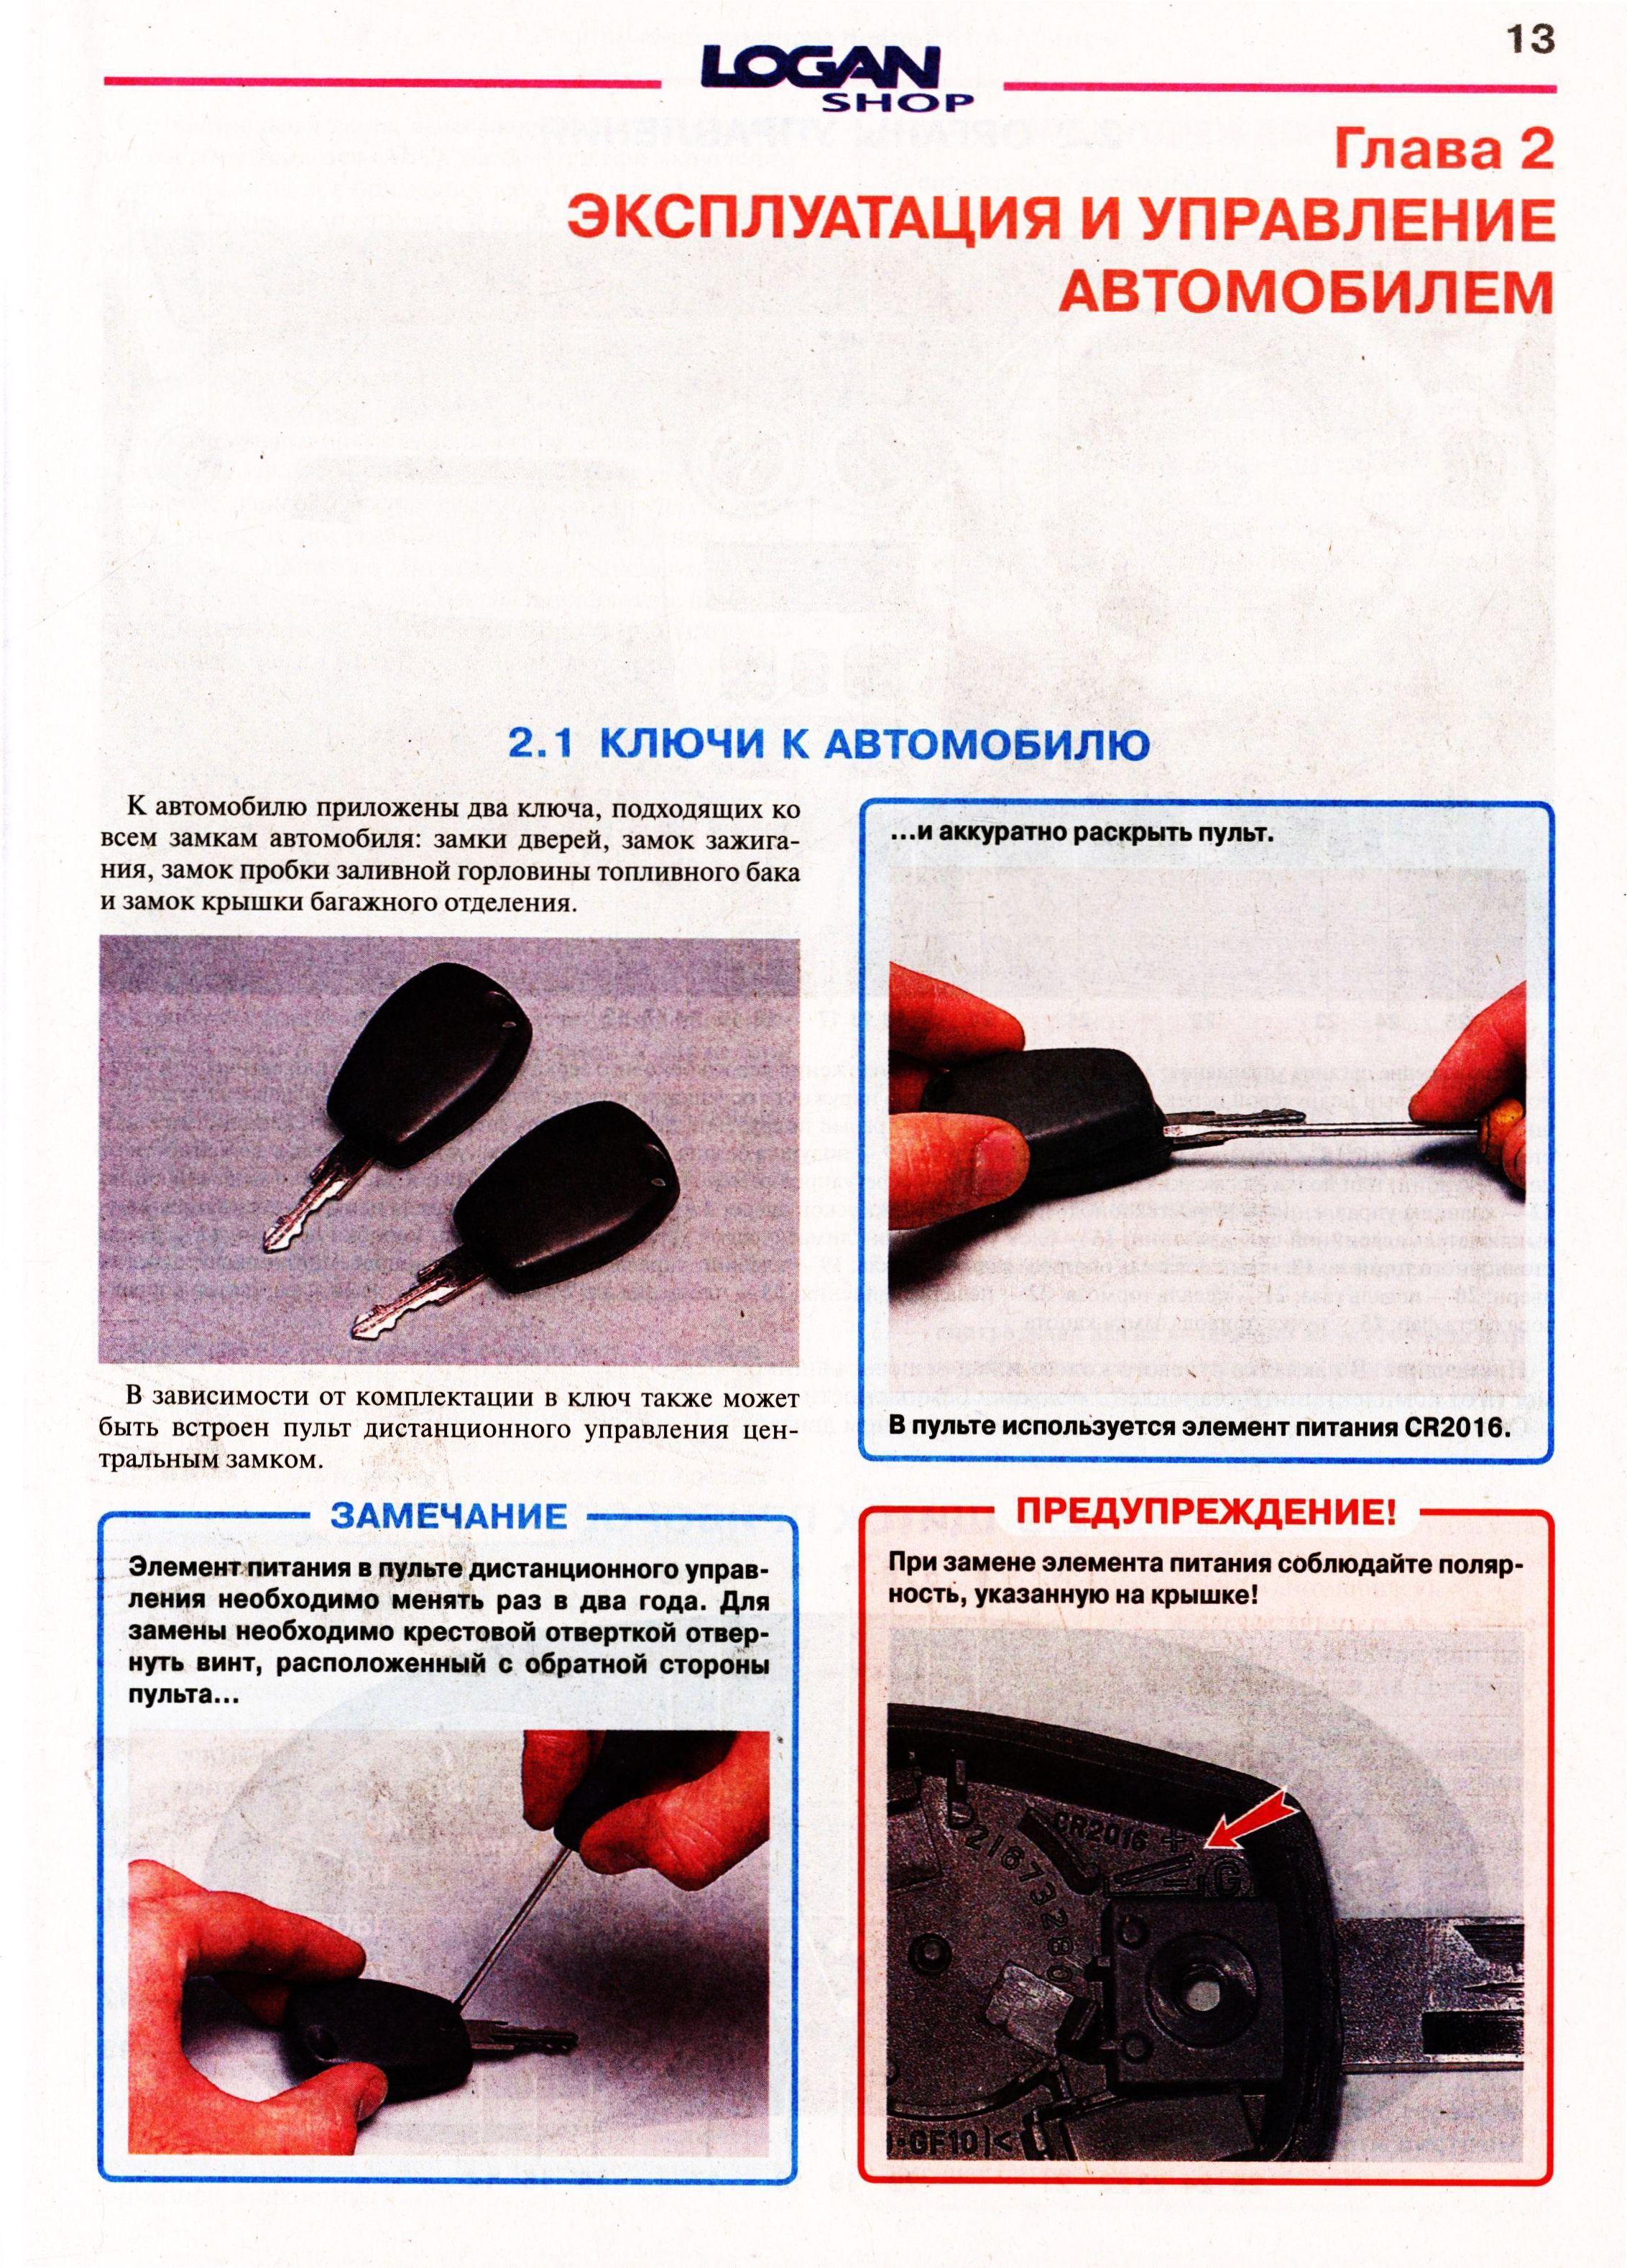 руководство по ремонту субару форестер 2008 скачать торрент